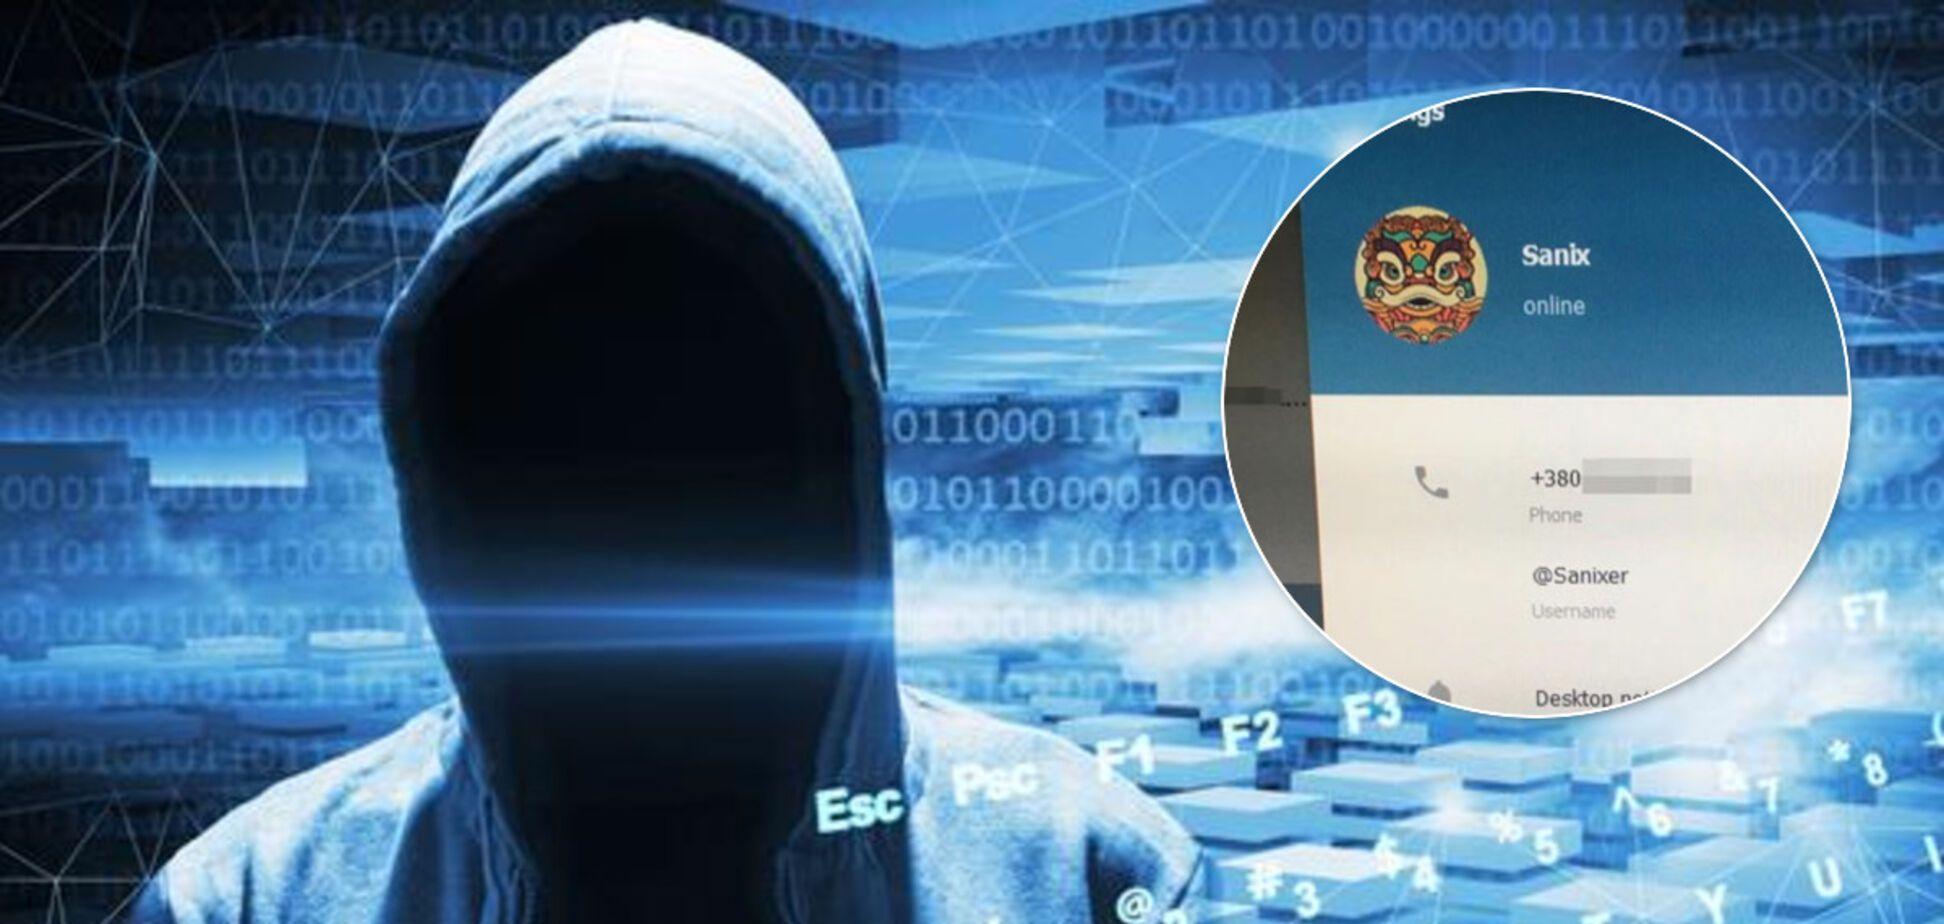 'Продавав старі дані': експерт із кібербезпеки розповів про гучне затримання хакера Sanix